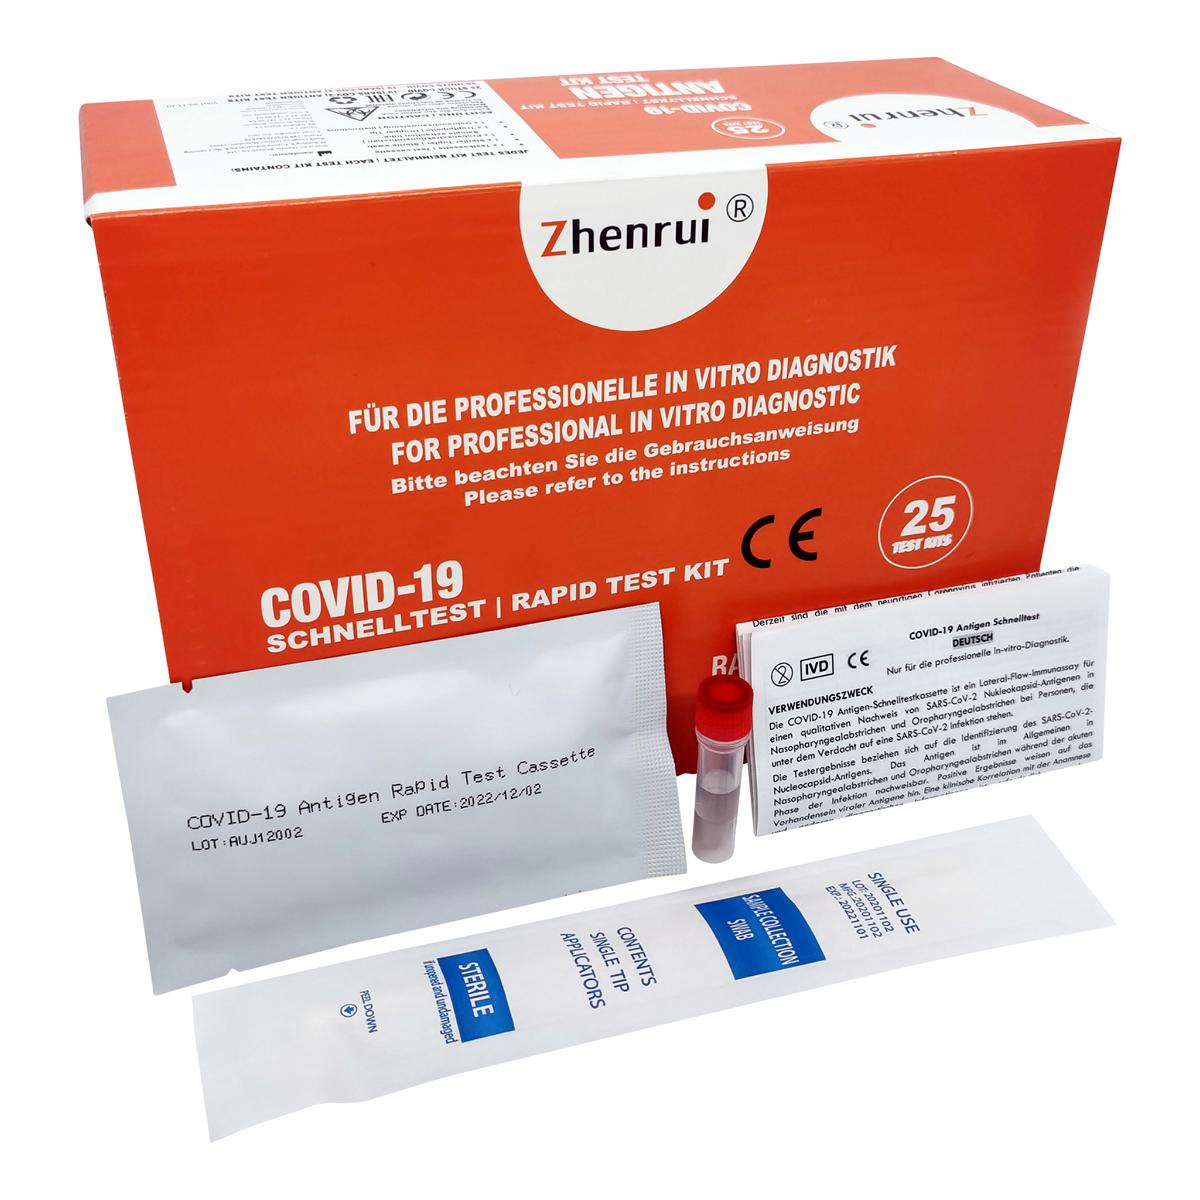 Antigen-Schnelltest COVID-19 Abstrichtest - 25 Stück - SARS-CoV-2